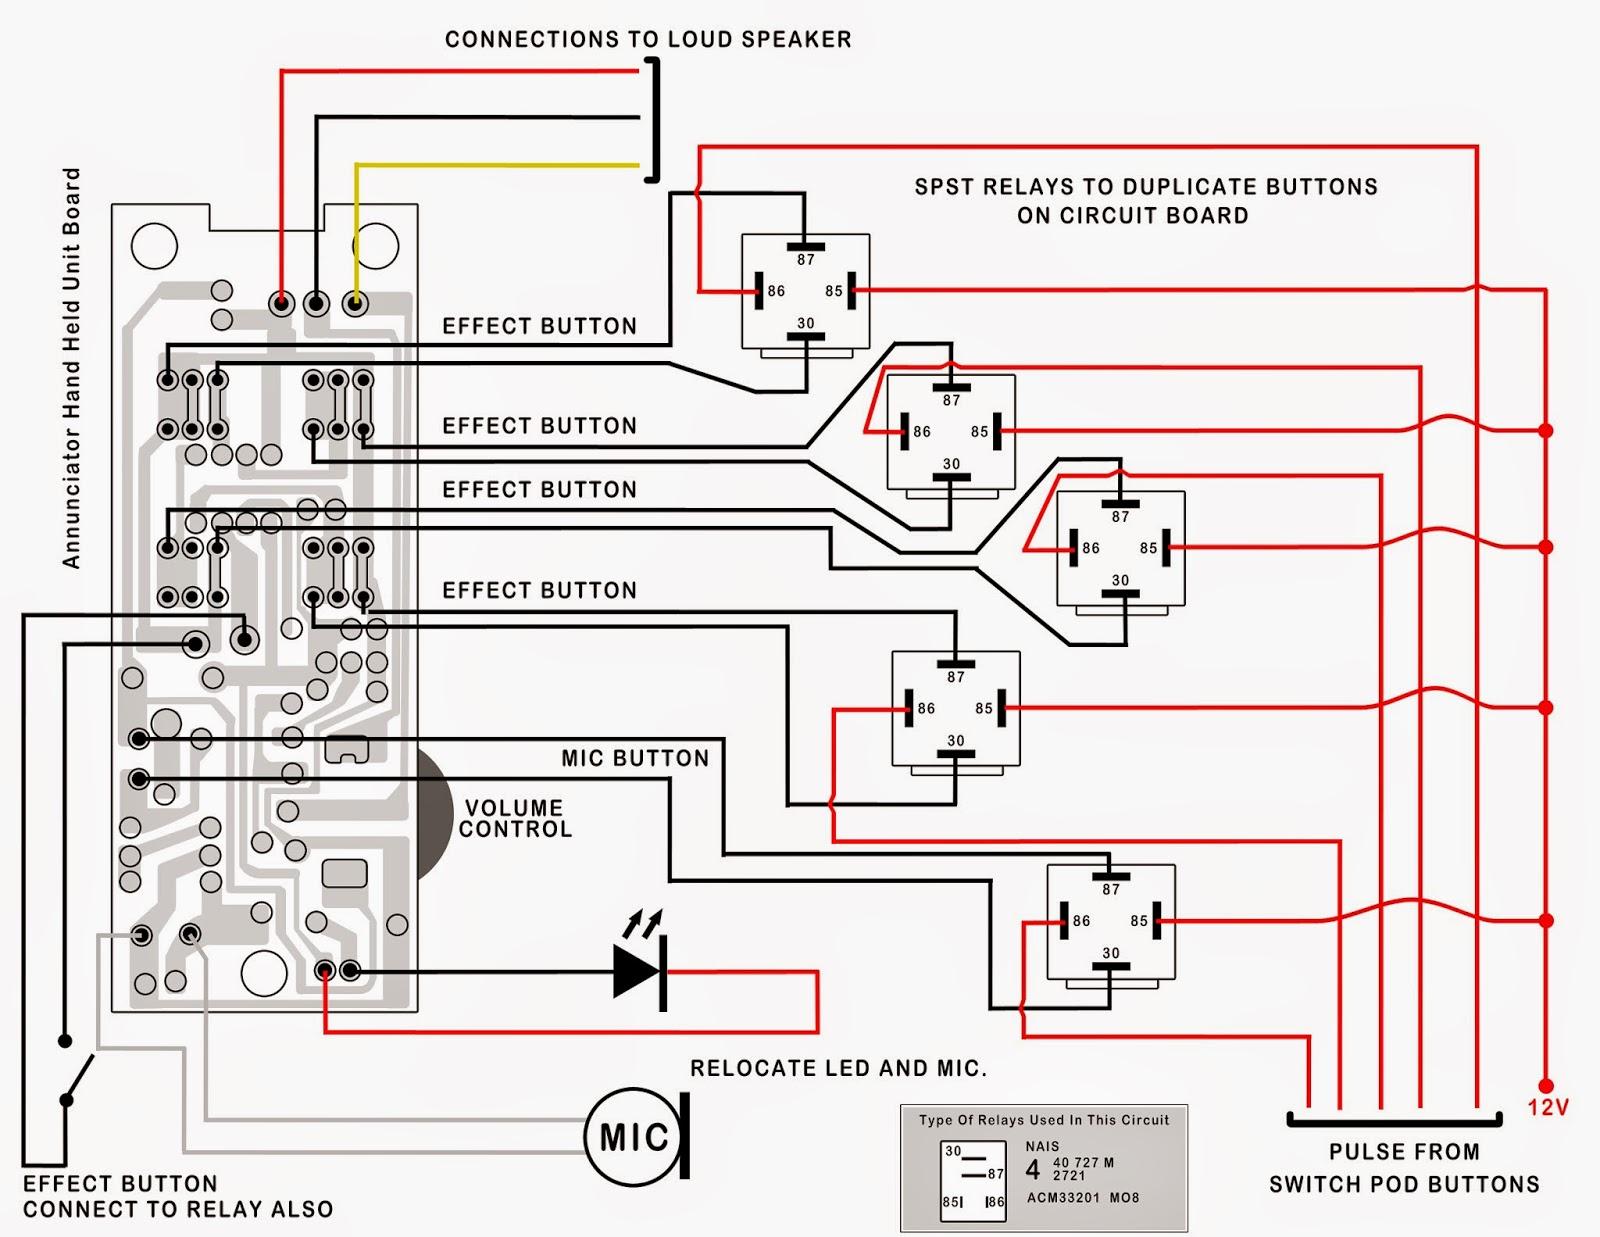 4l60e sd sensor wiring diagram neutral safety switch 4l60e plug diagram 1999 silver 4l60e plug diagram 1999 silver [ 1600 x 1237 Pixel ]